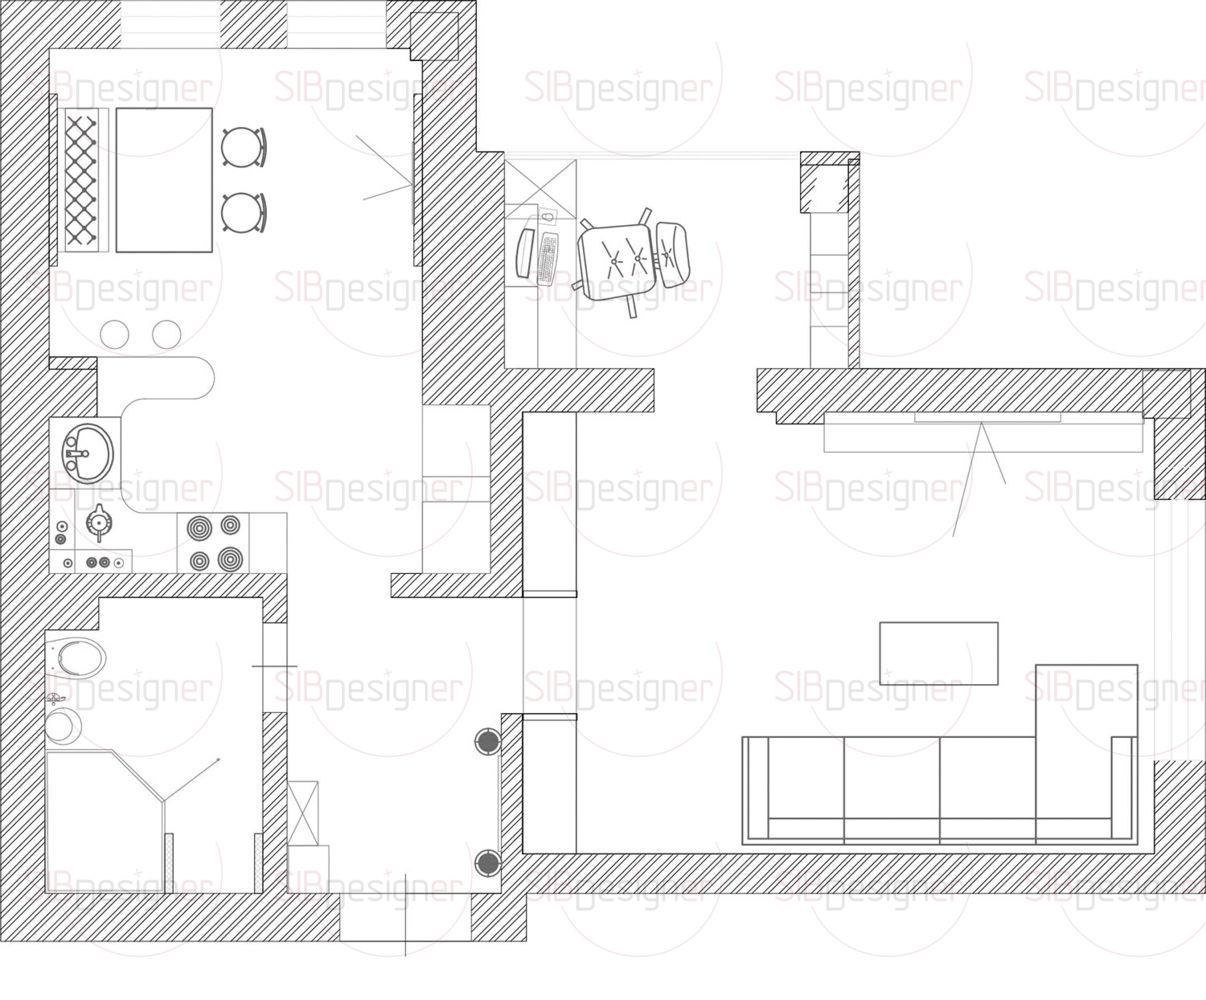 Пространство однокомнатной квартиры организовали таким образом, чтобы сделать его комфортным и удобным для молодой девушки